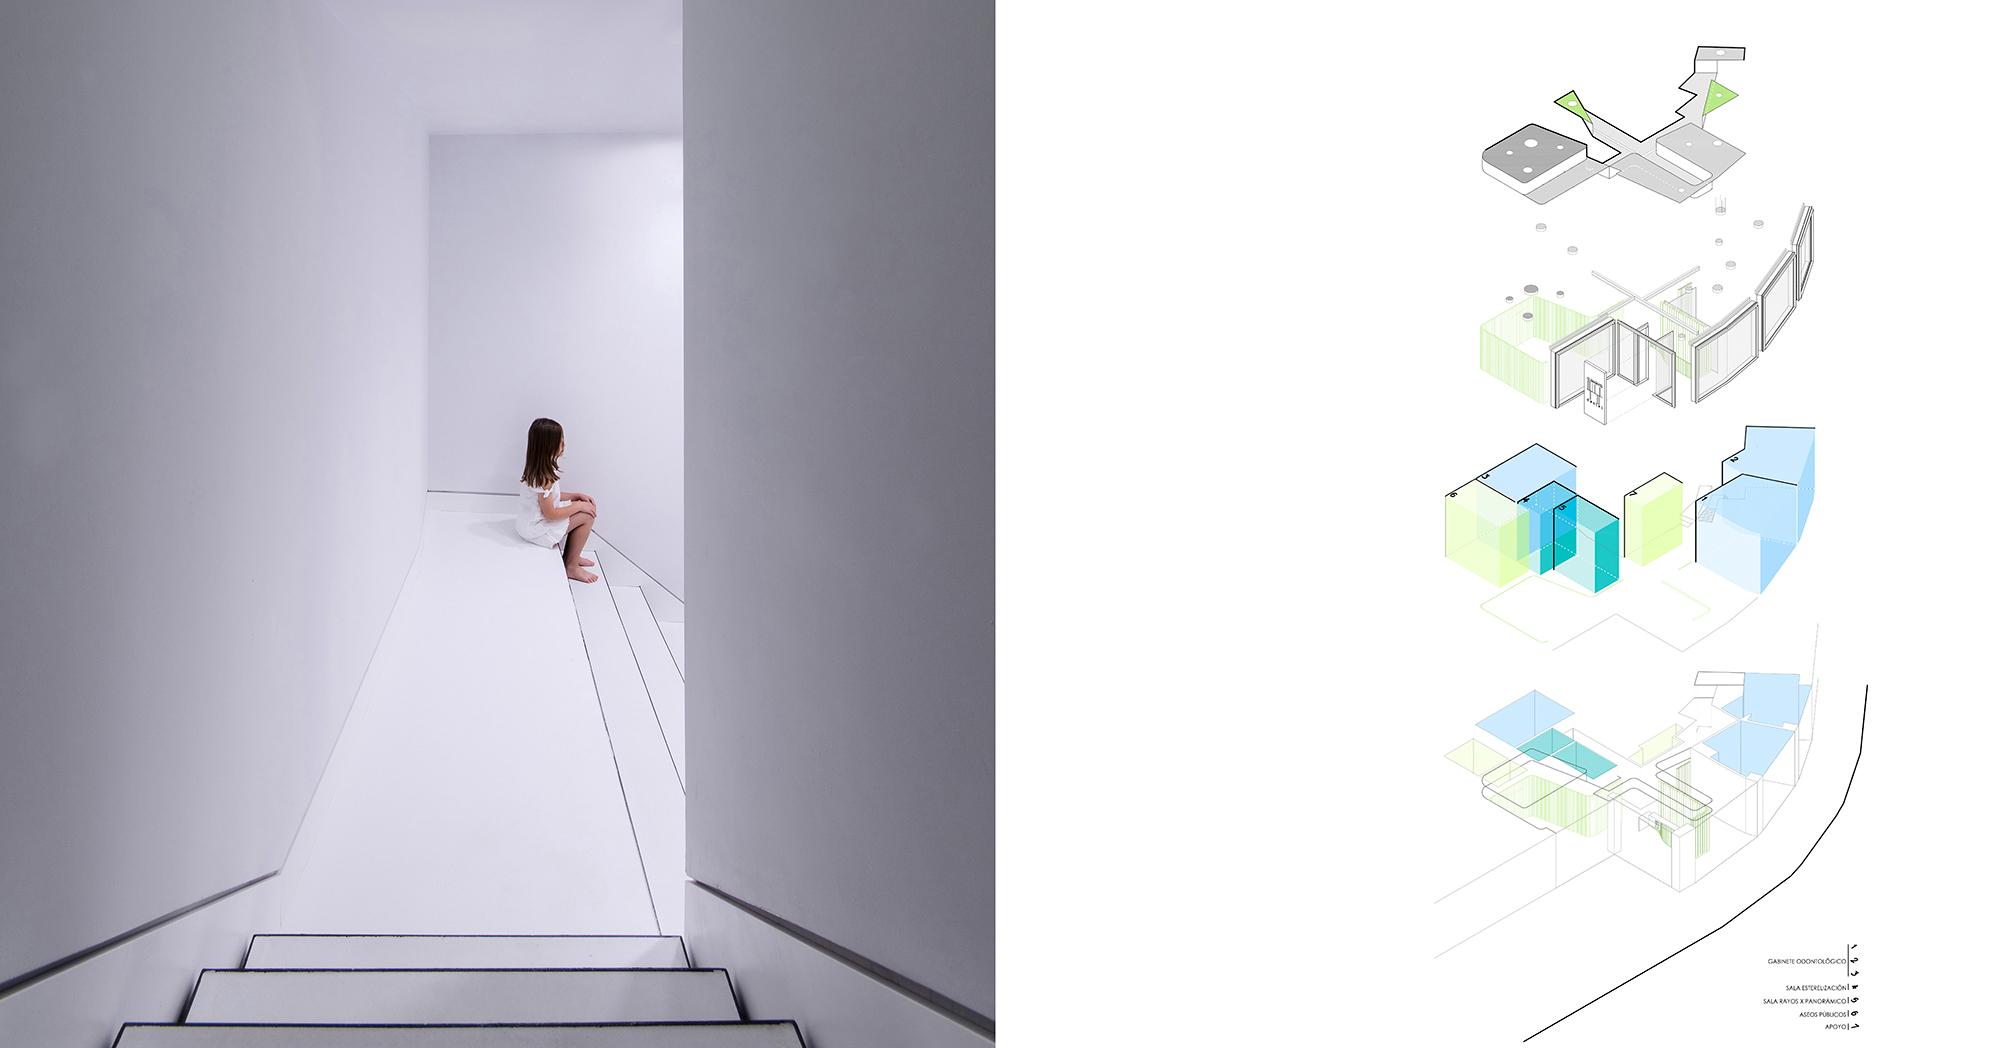 CLINICA CLEMENTE dental - LANDÍNEZ+REY arquitectos - arquitectura retail - interiorismo